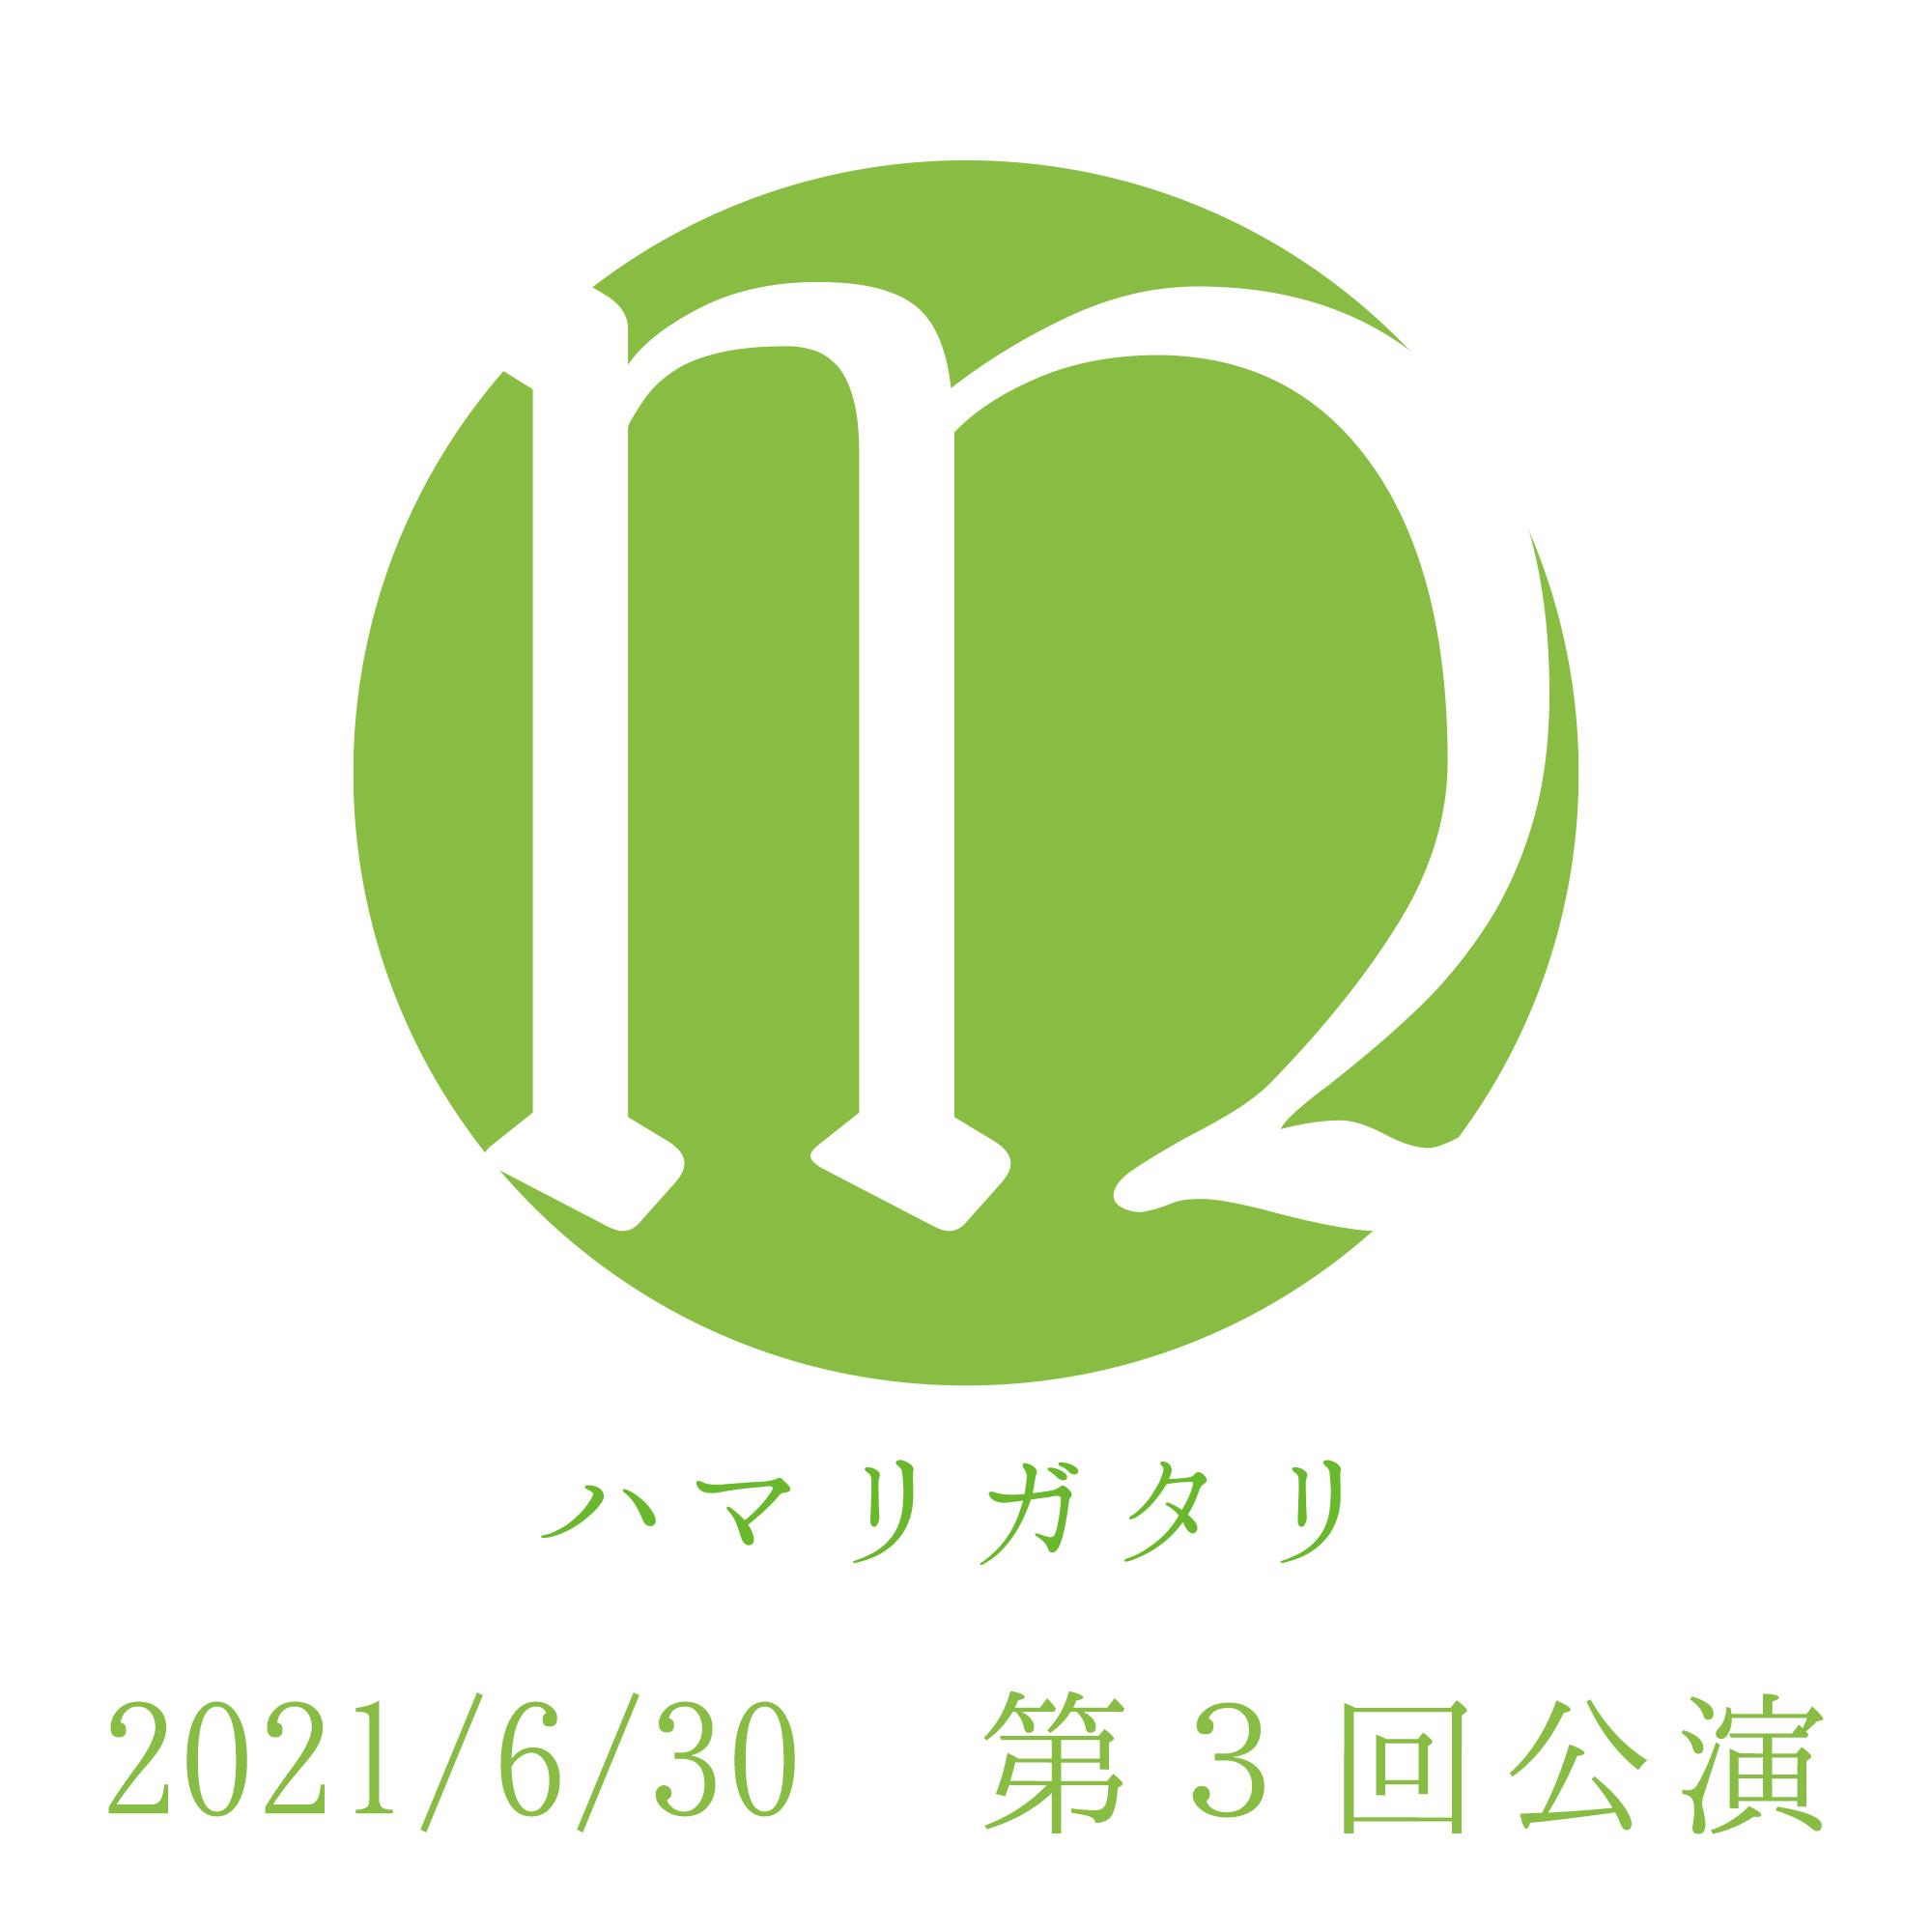 第3回「ハマリガタリM」ゲスト:深町寿成